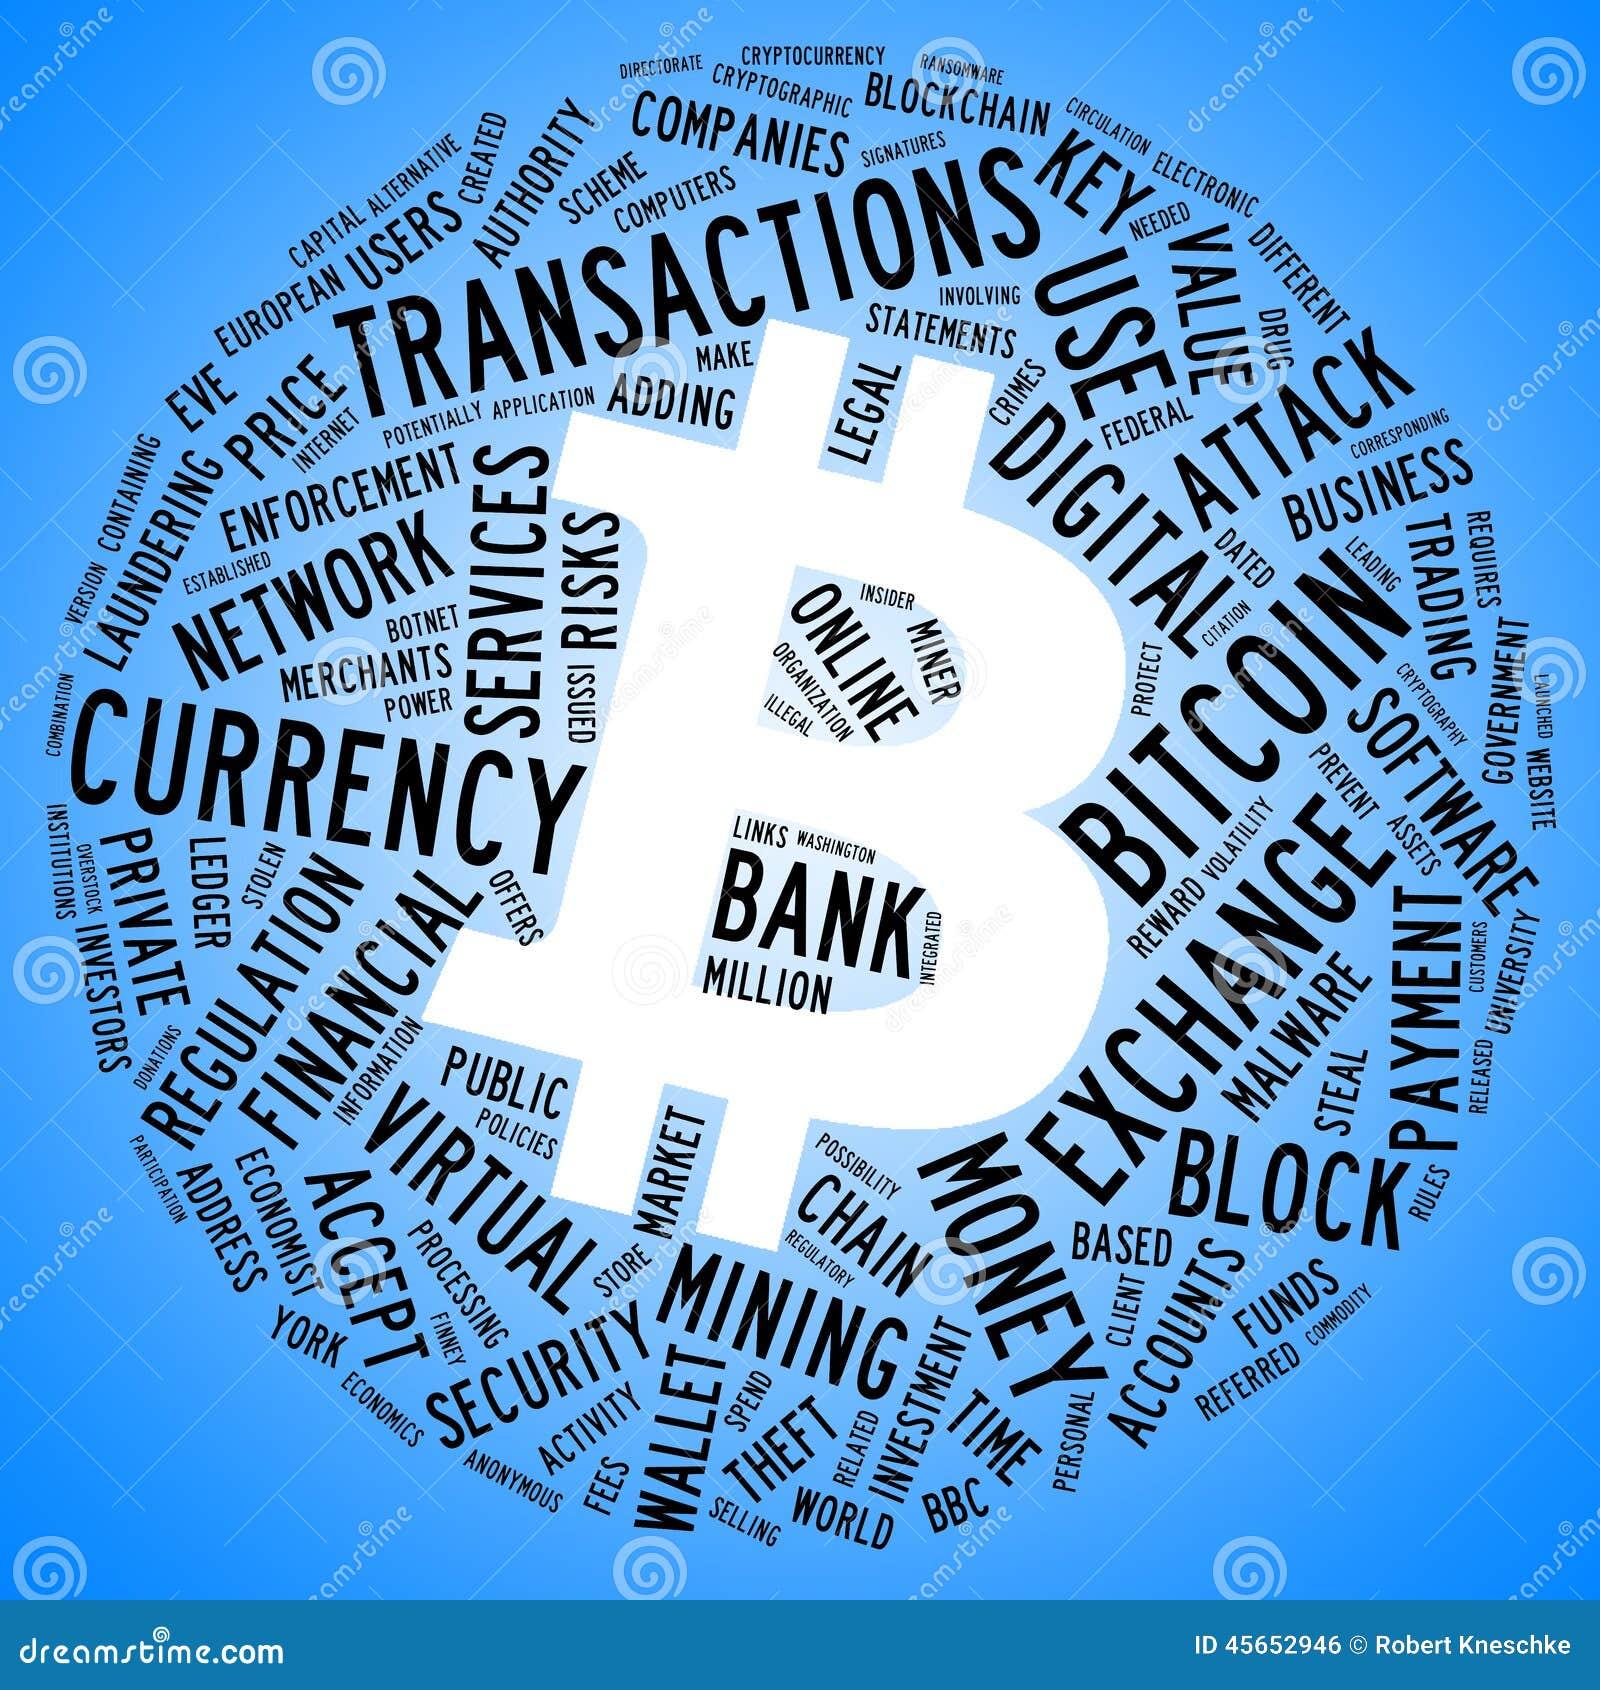 bitcoin tag bitcoin google finance